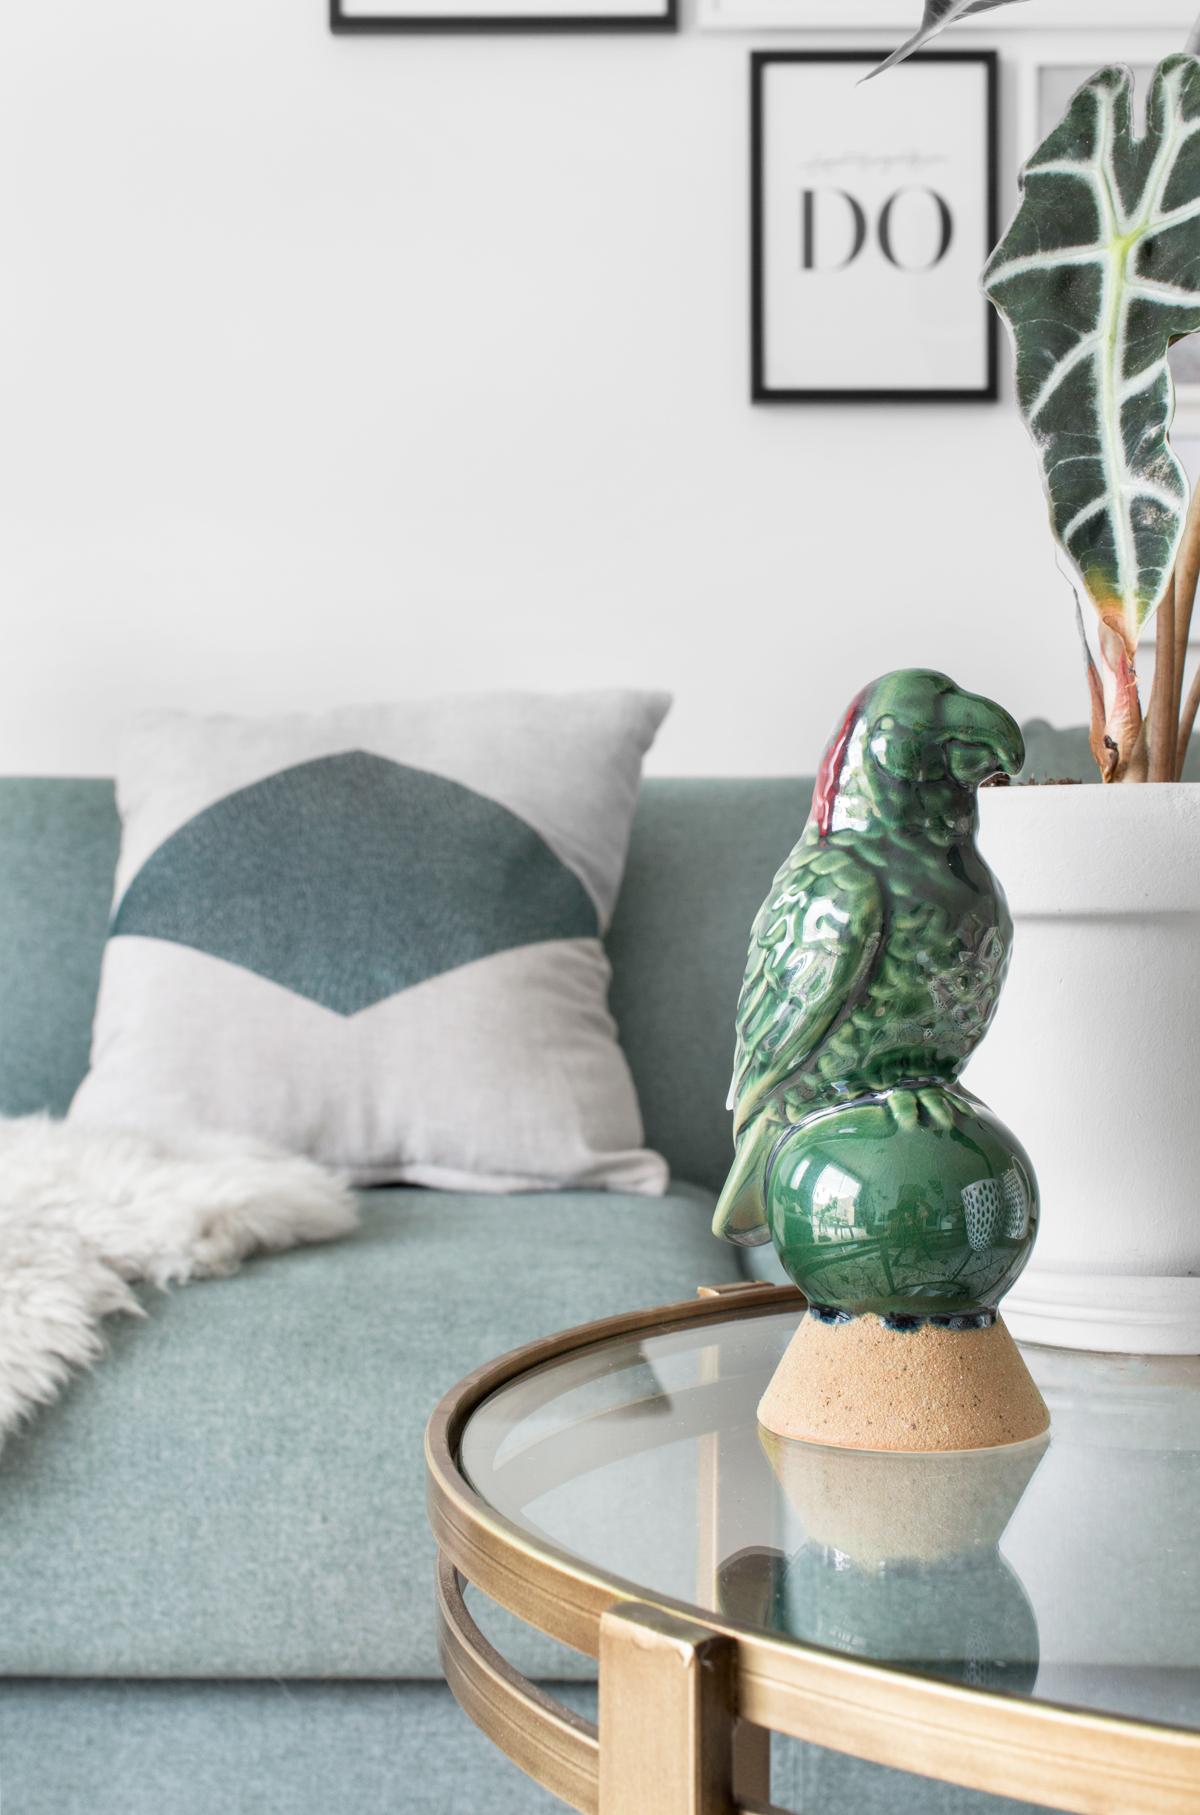 Messing interieur vogel zithoek - Tanja van Hoogdalem